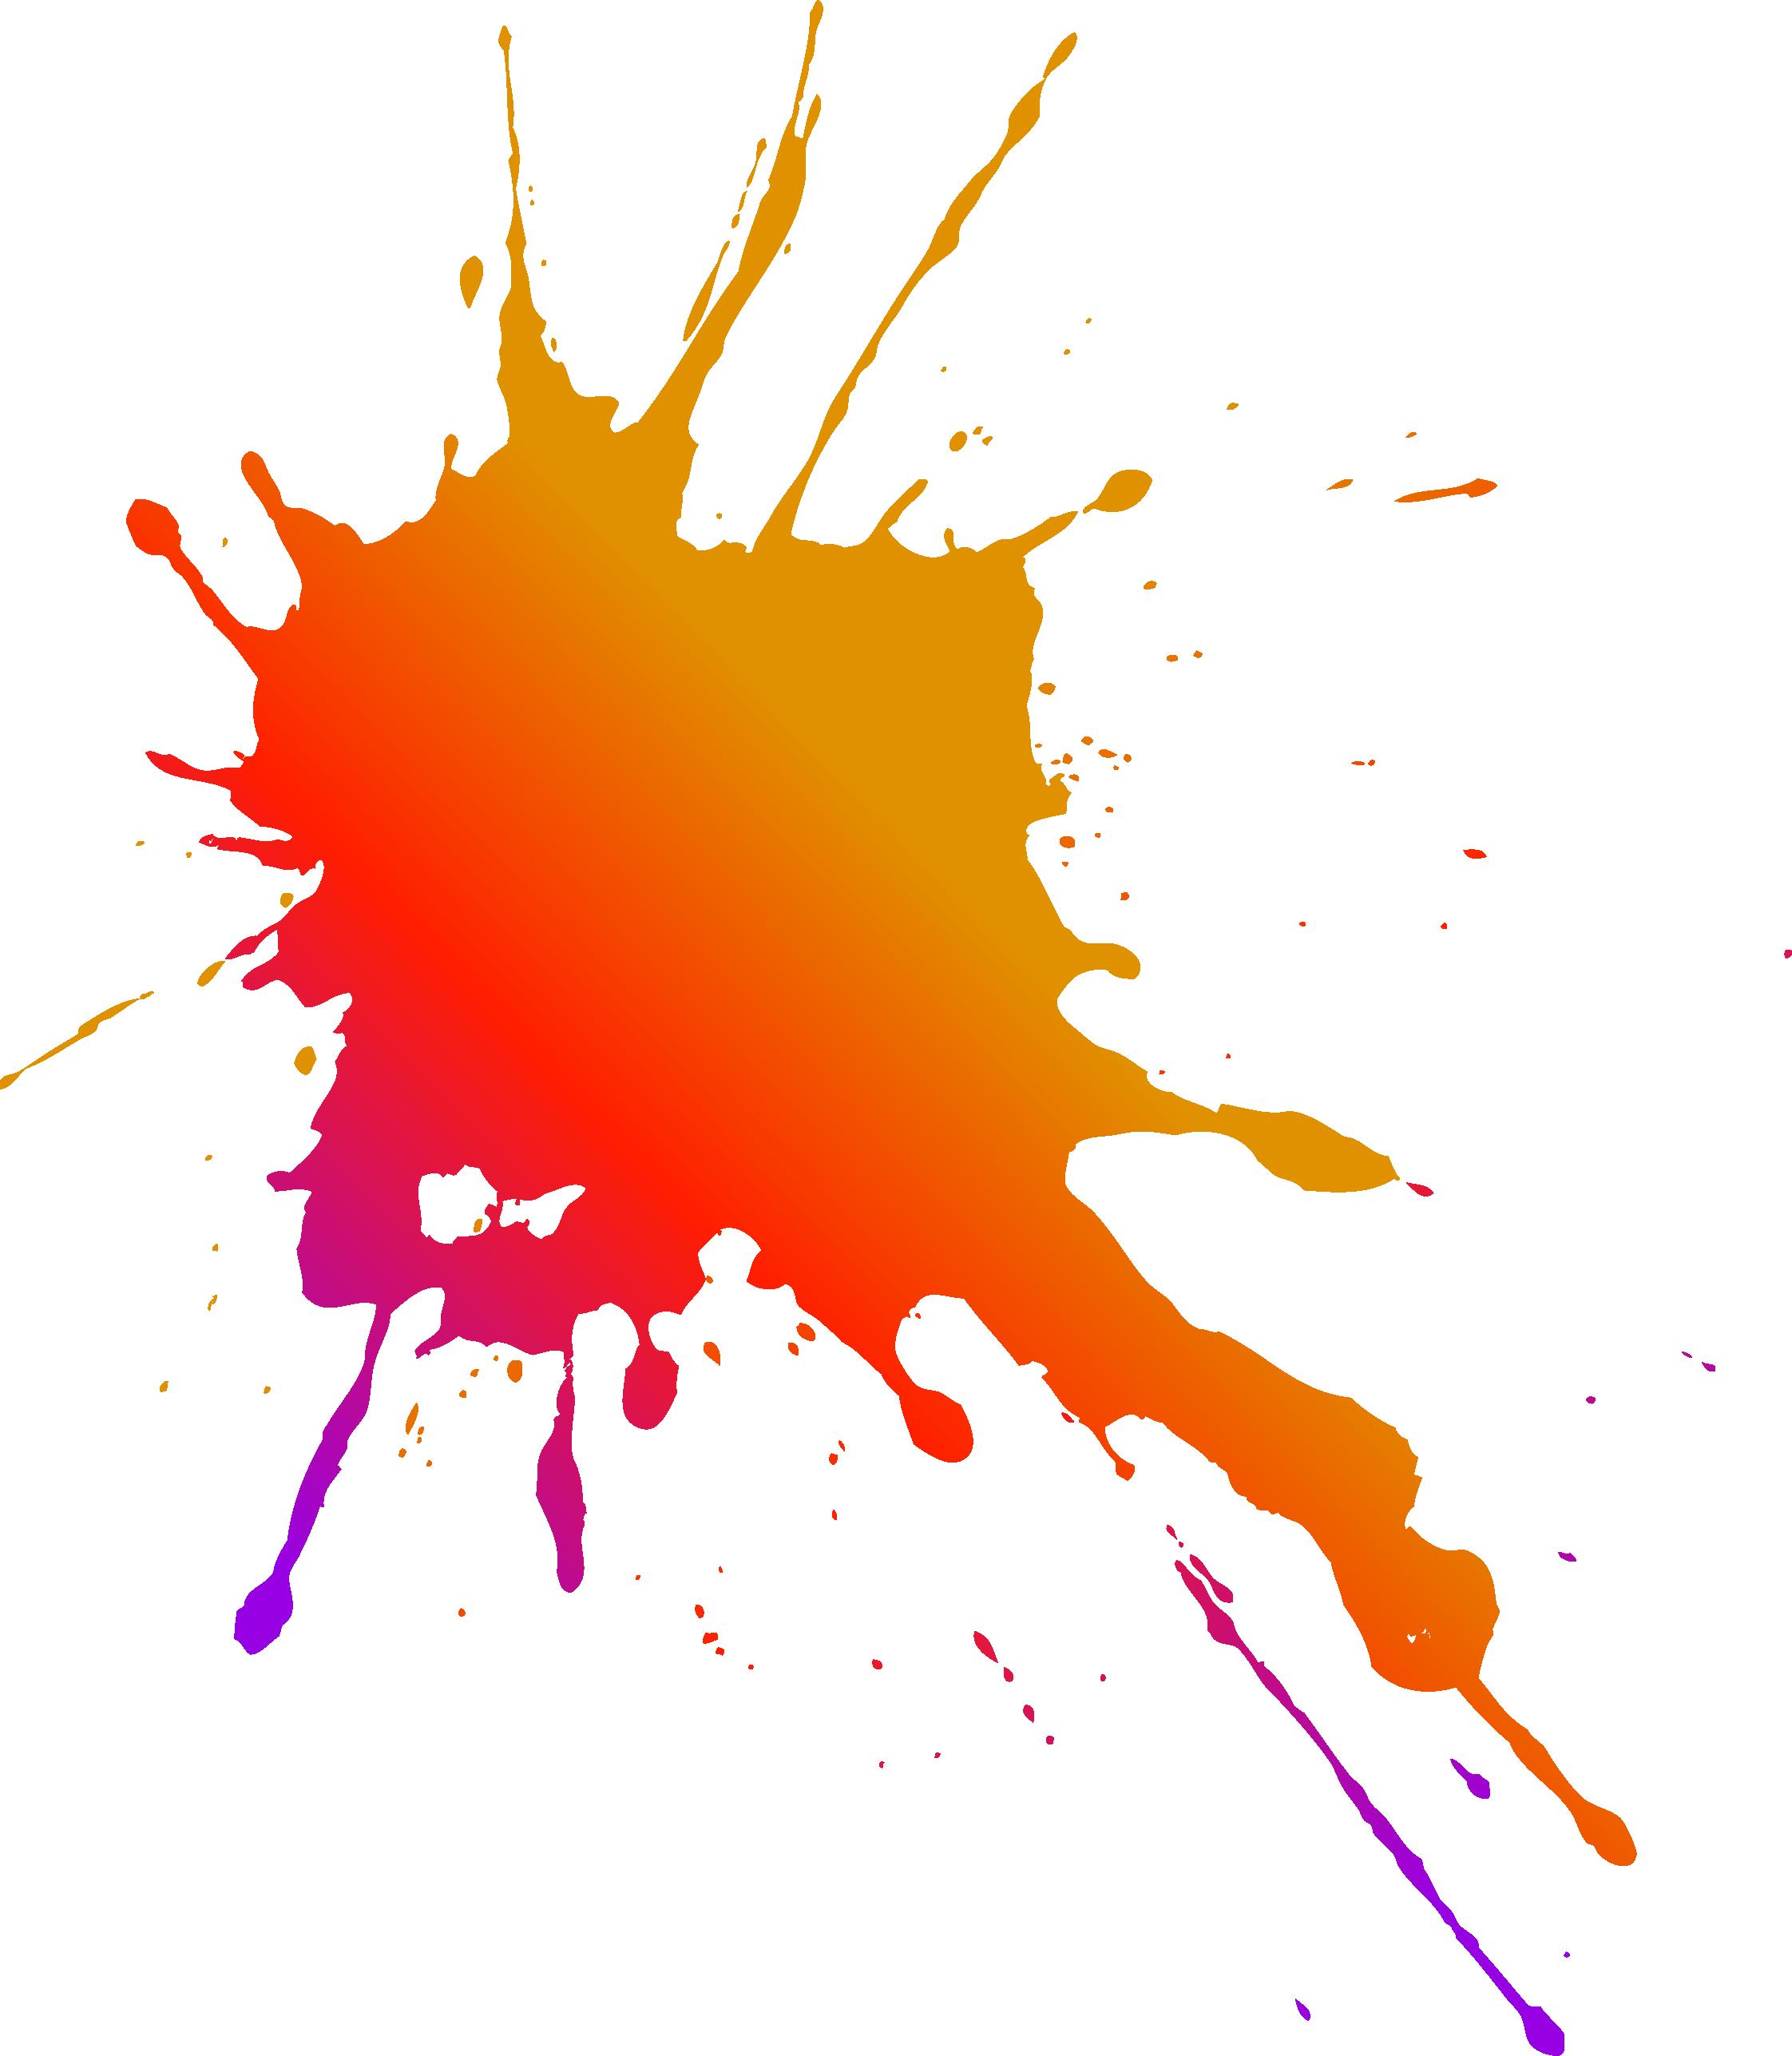 Milk clipart splash. Graphic design free content